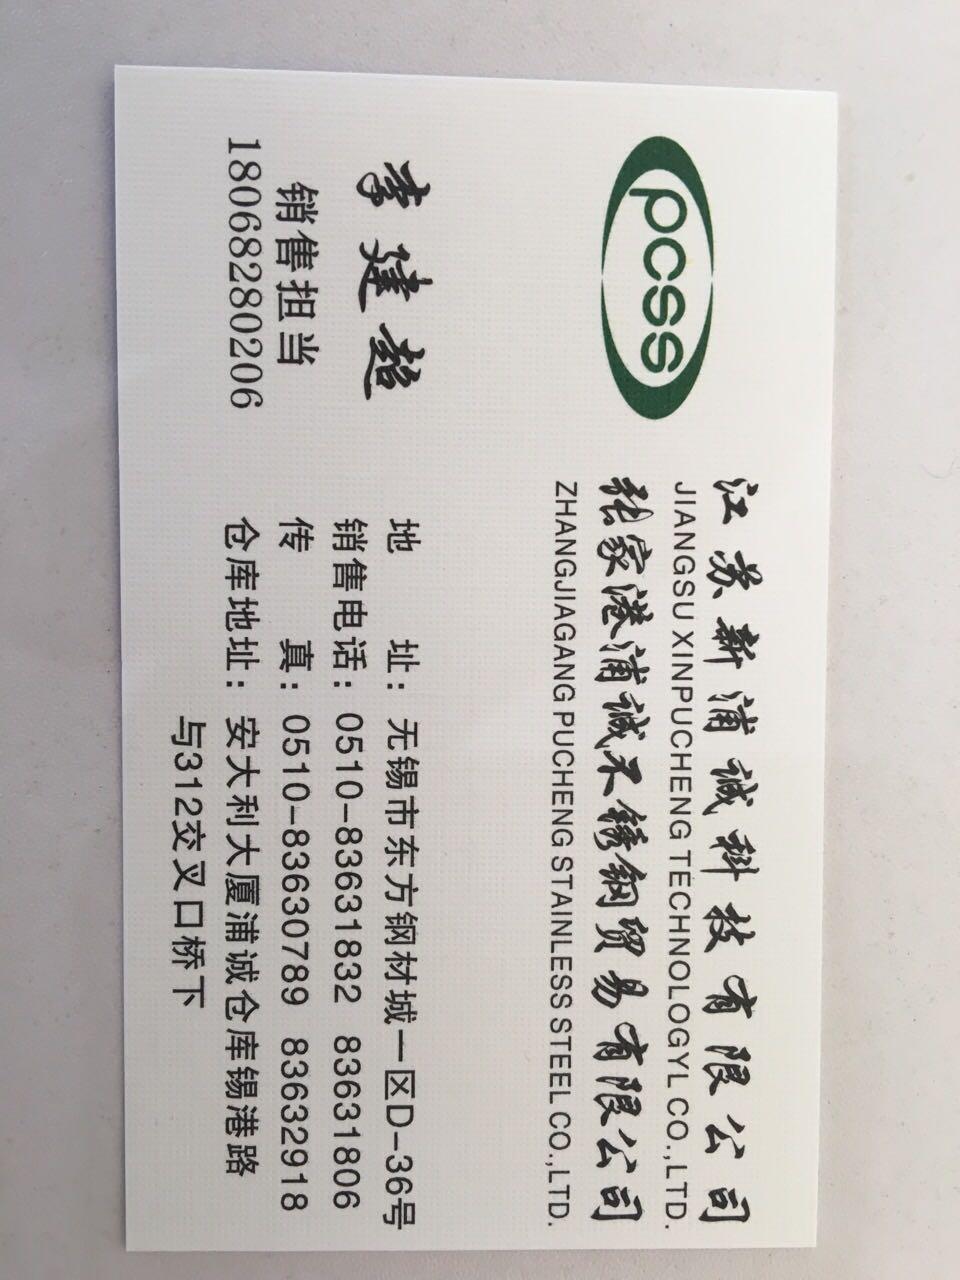 来自李建超发布的供应信息:不锈钢平板卷板、加工 销售 规格齐全 ... - 张家港浦诚不锈钢贸易有限公司